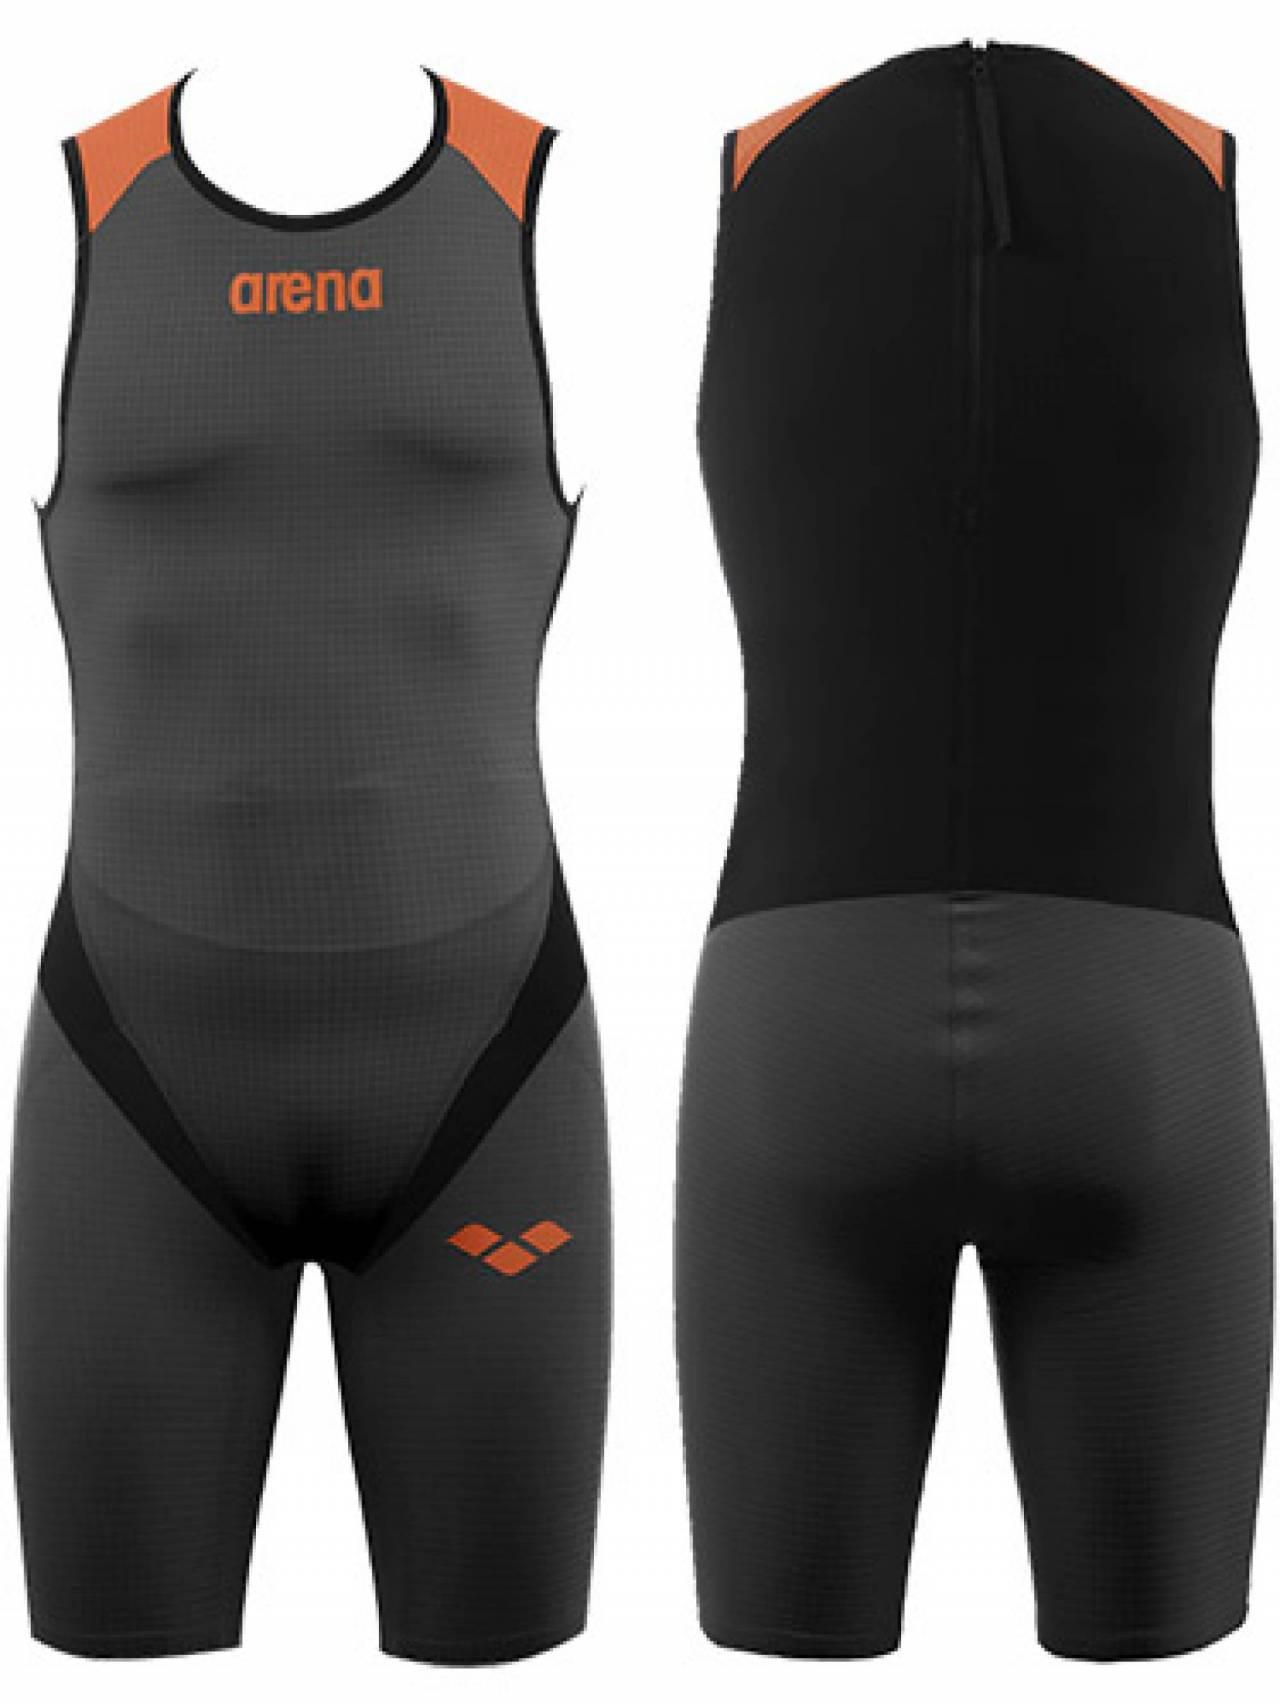 Triathlon Suit Carbon Pro